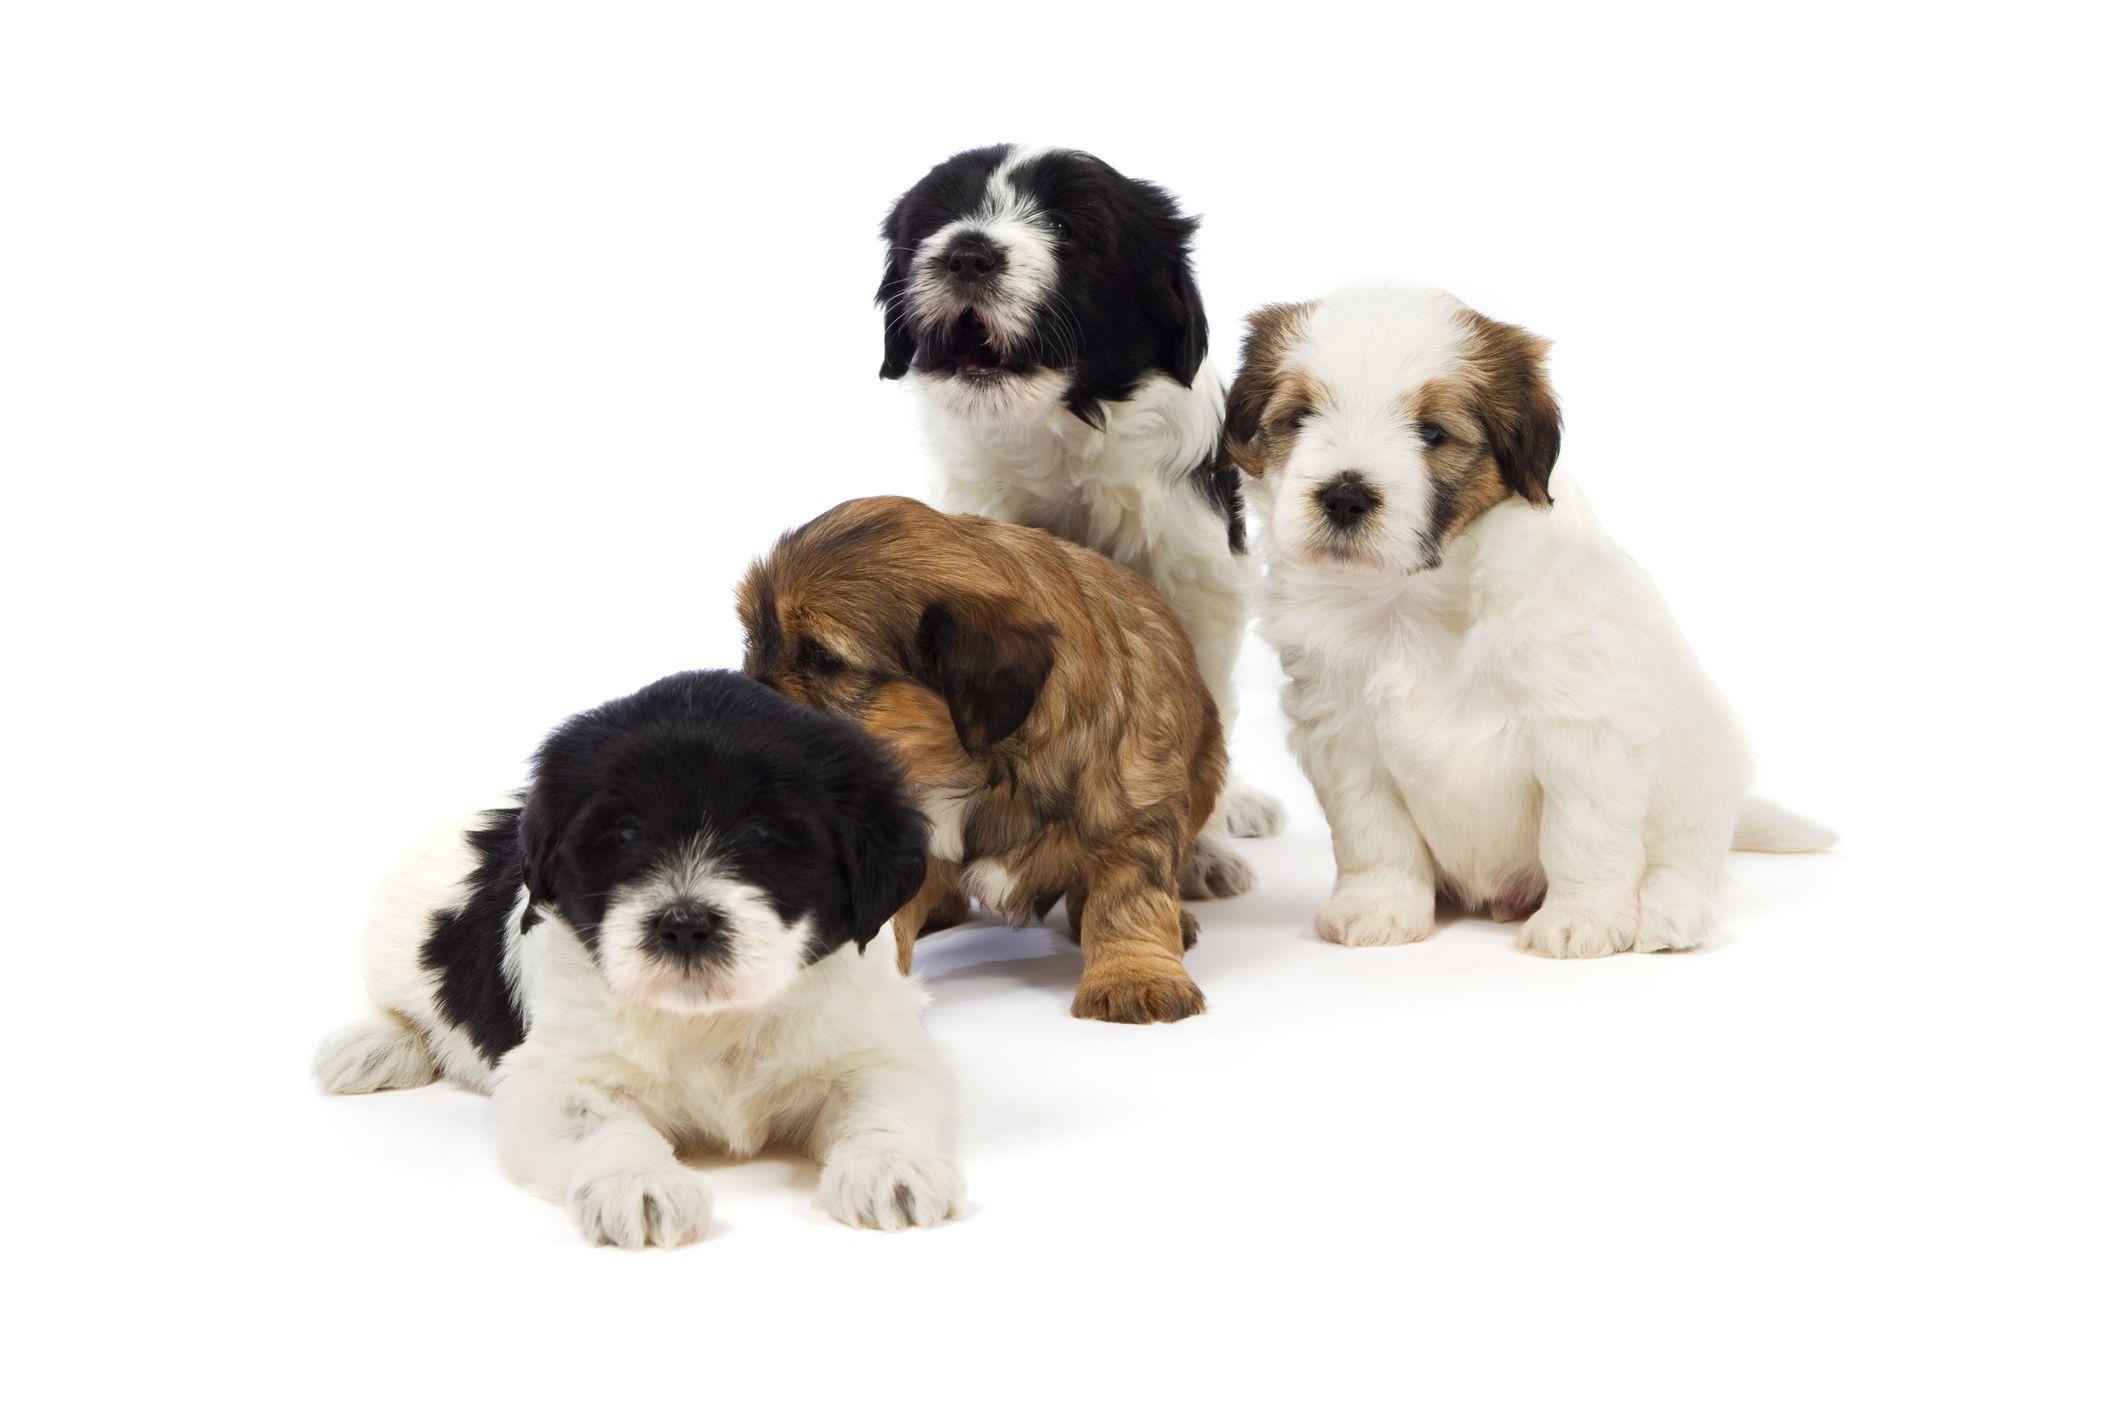 Four Tibetan Terrier puppies